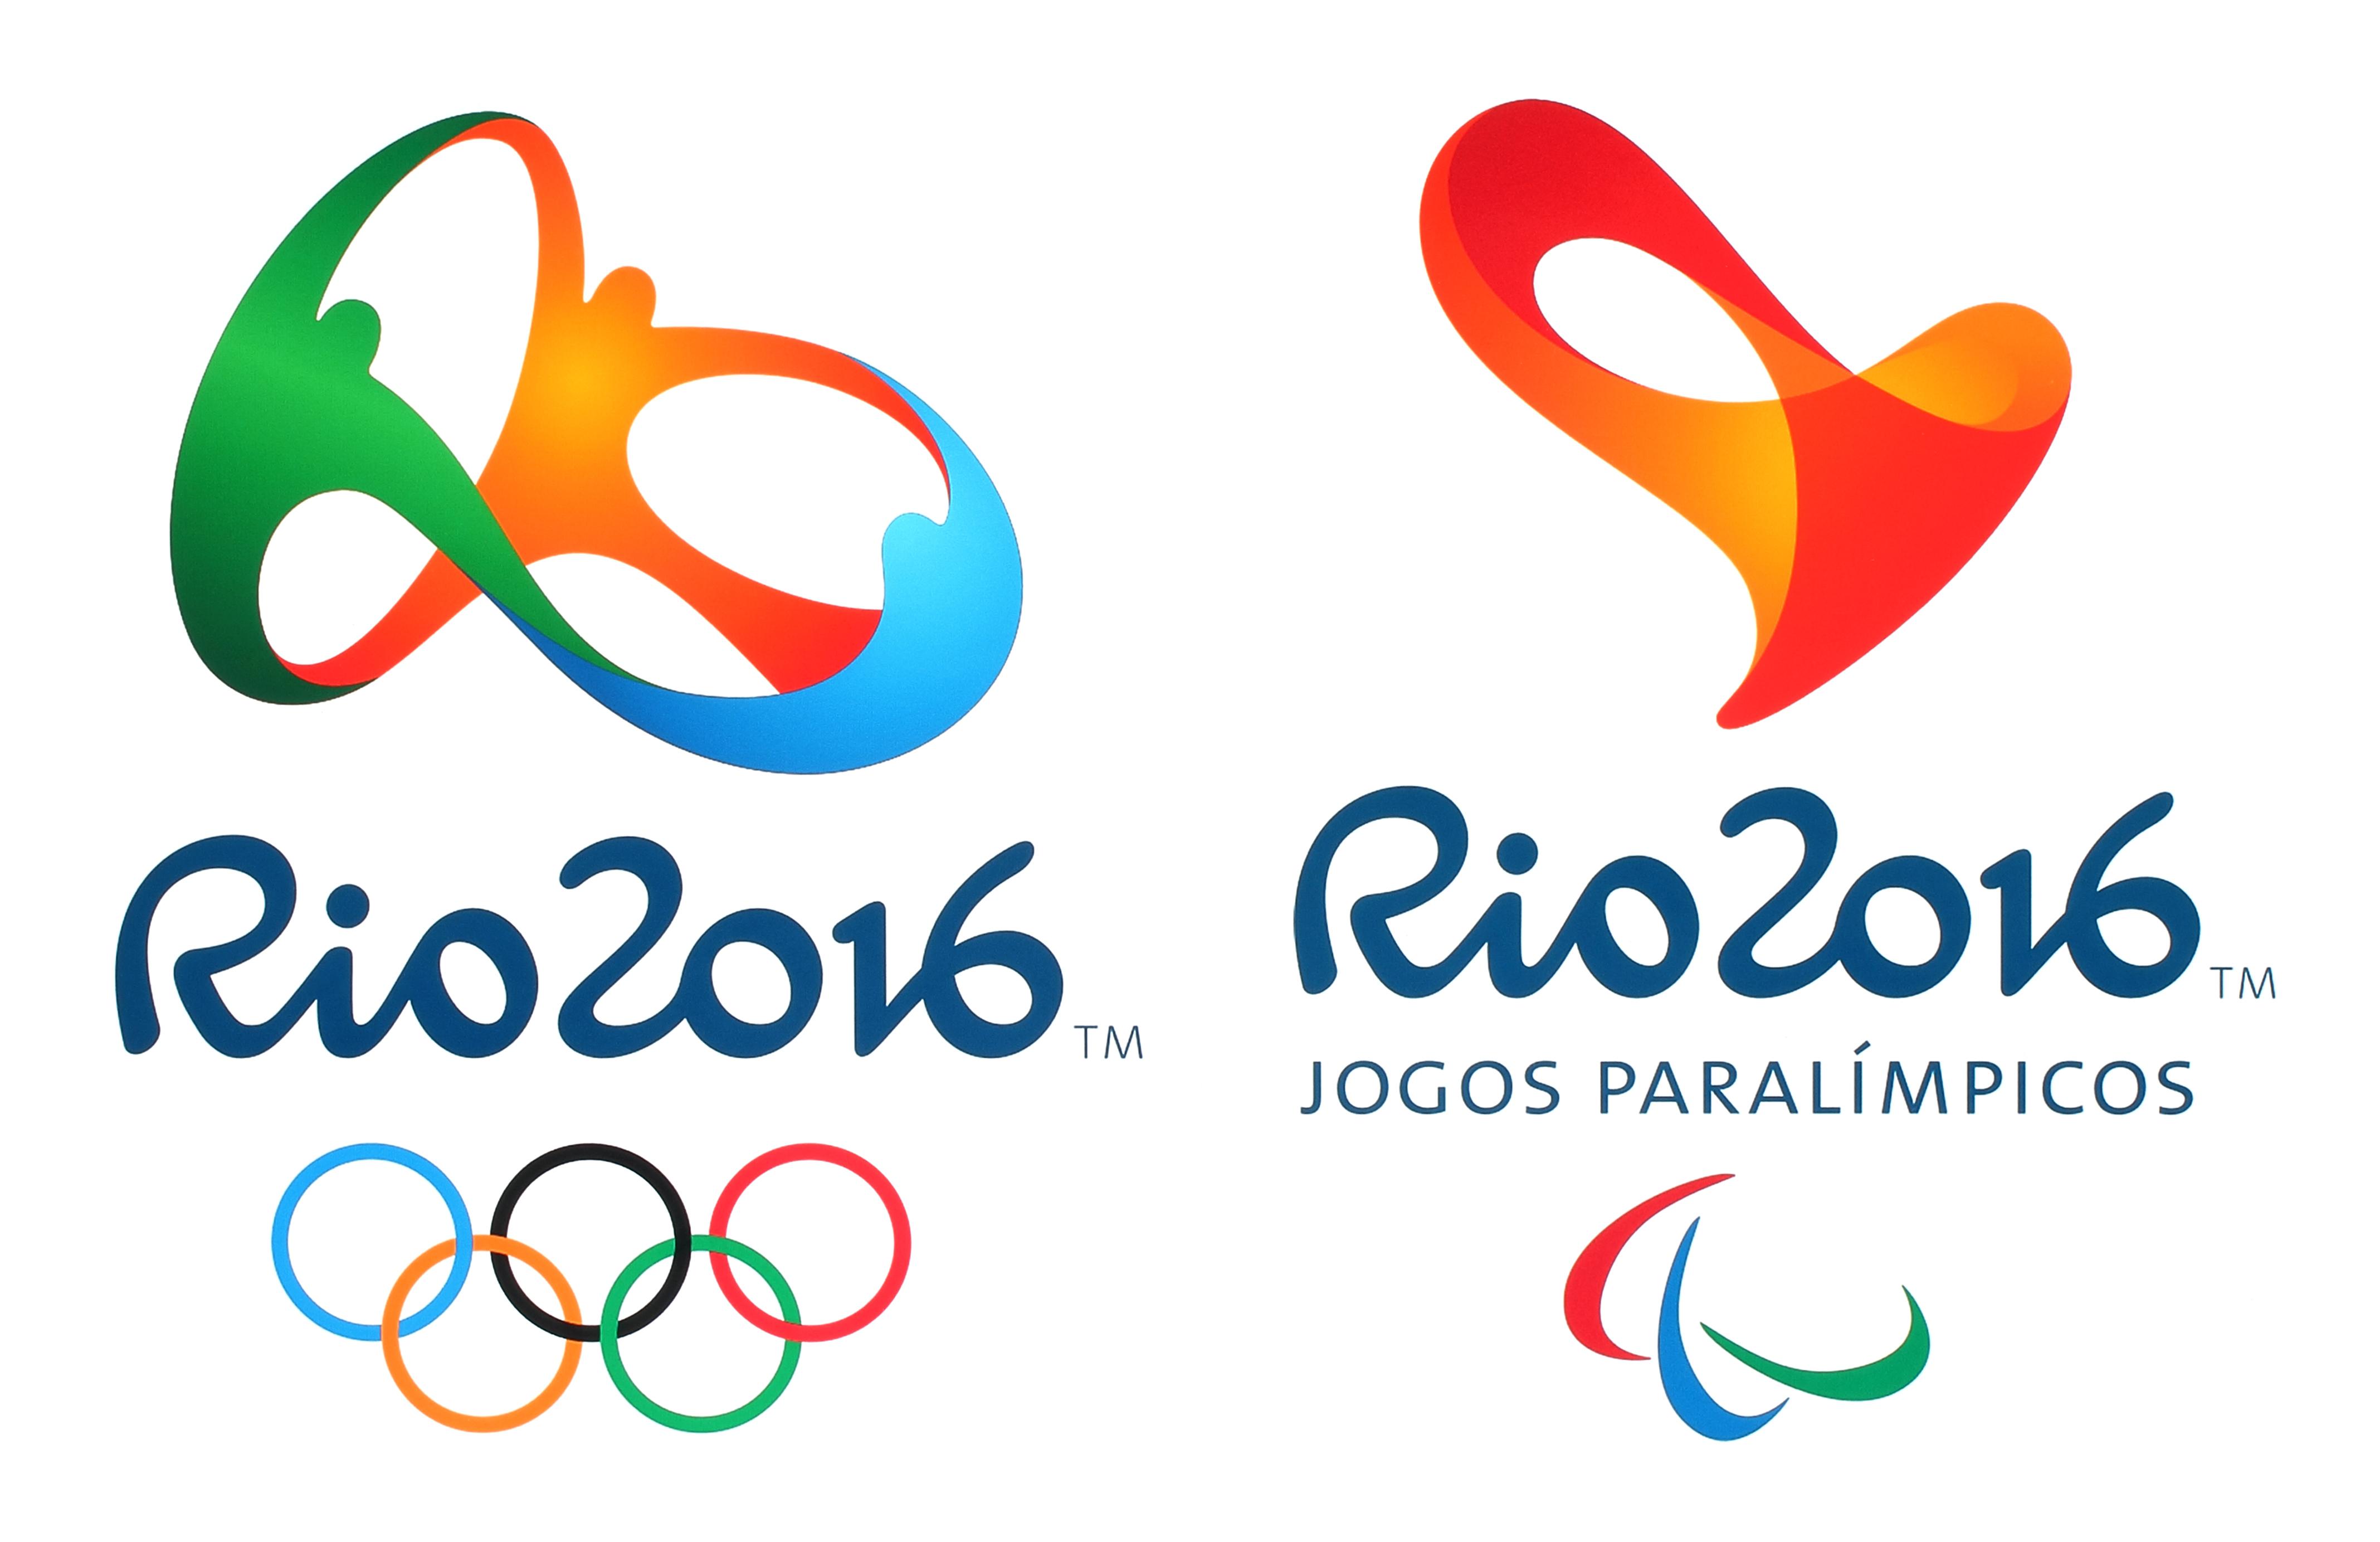 juegos-paraolimpicos